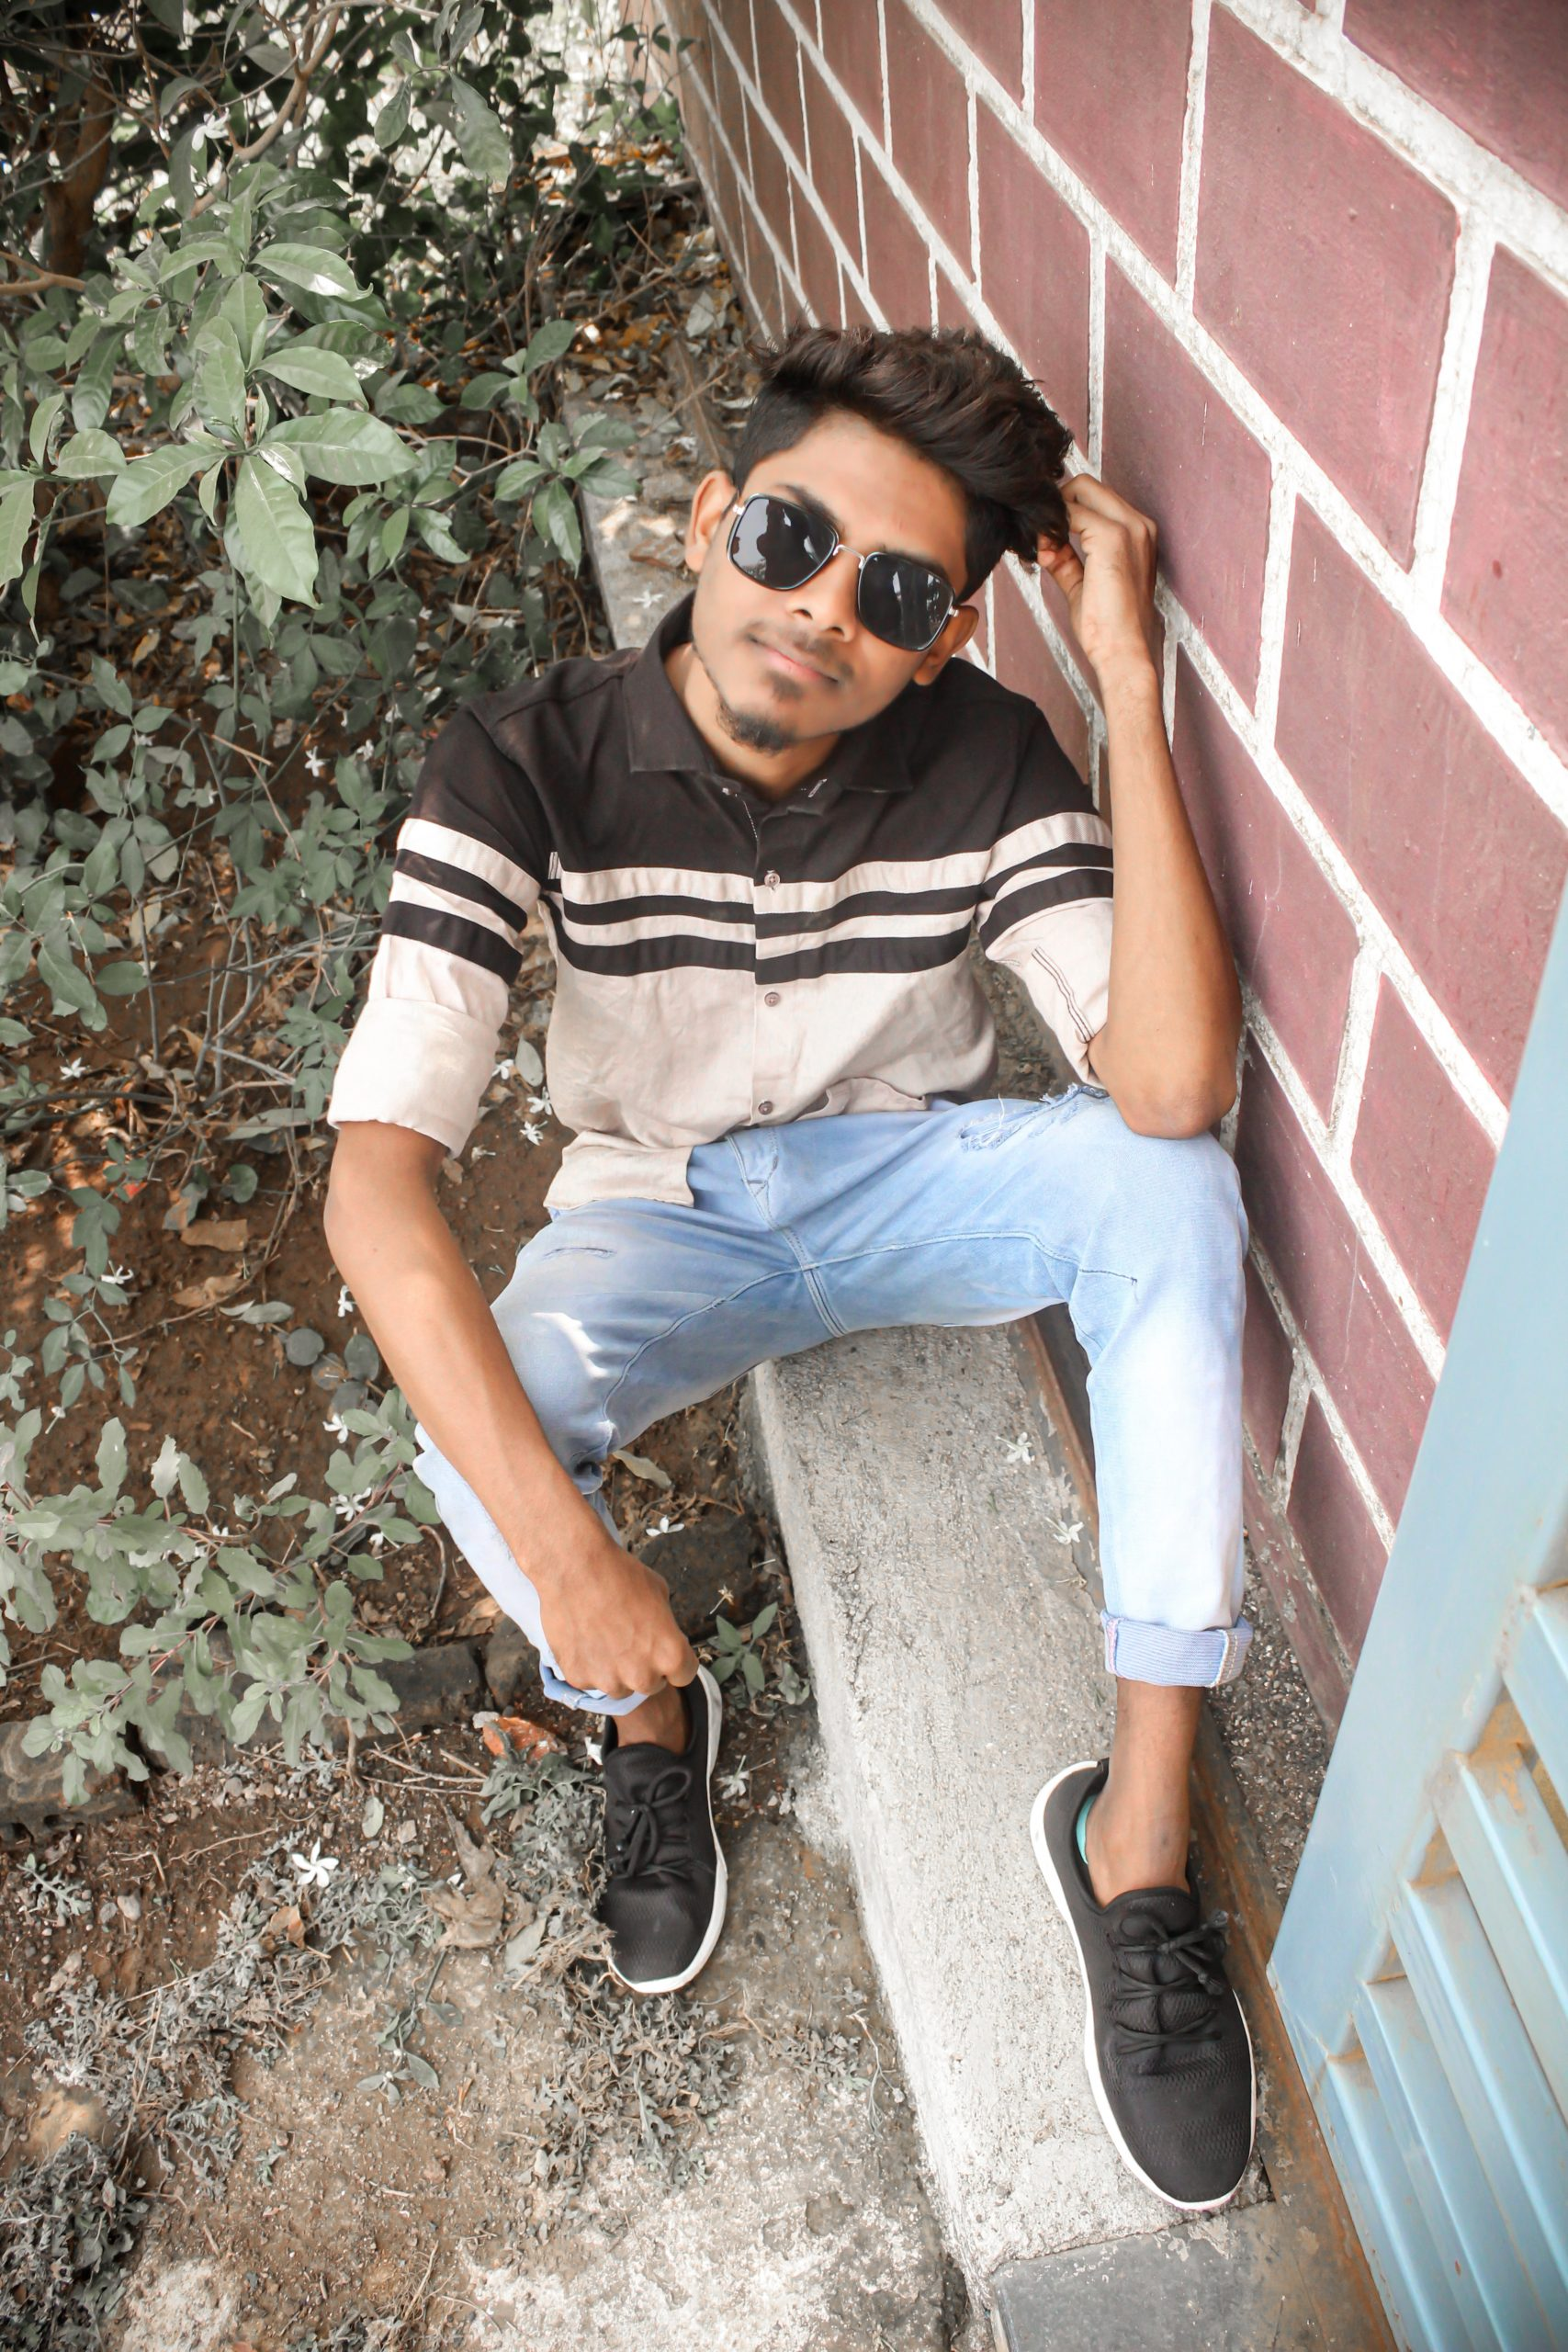 Portrait of a guy sitting on a sidewalk